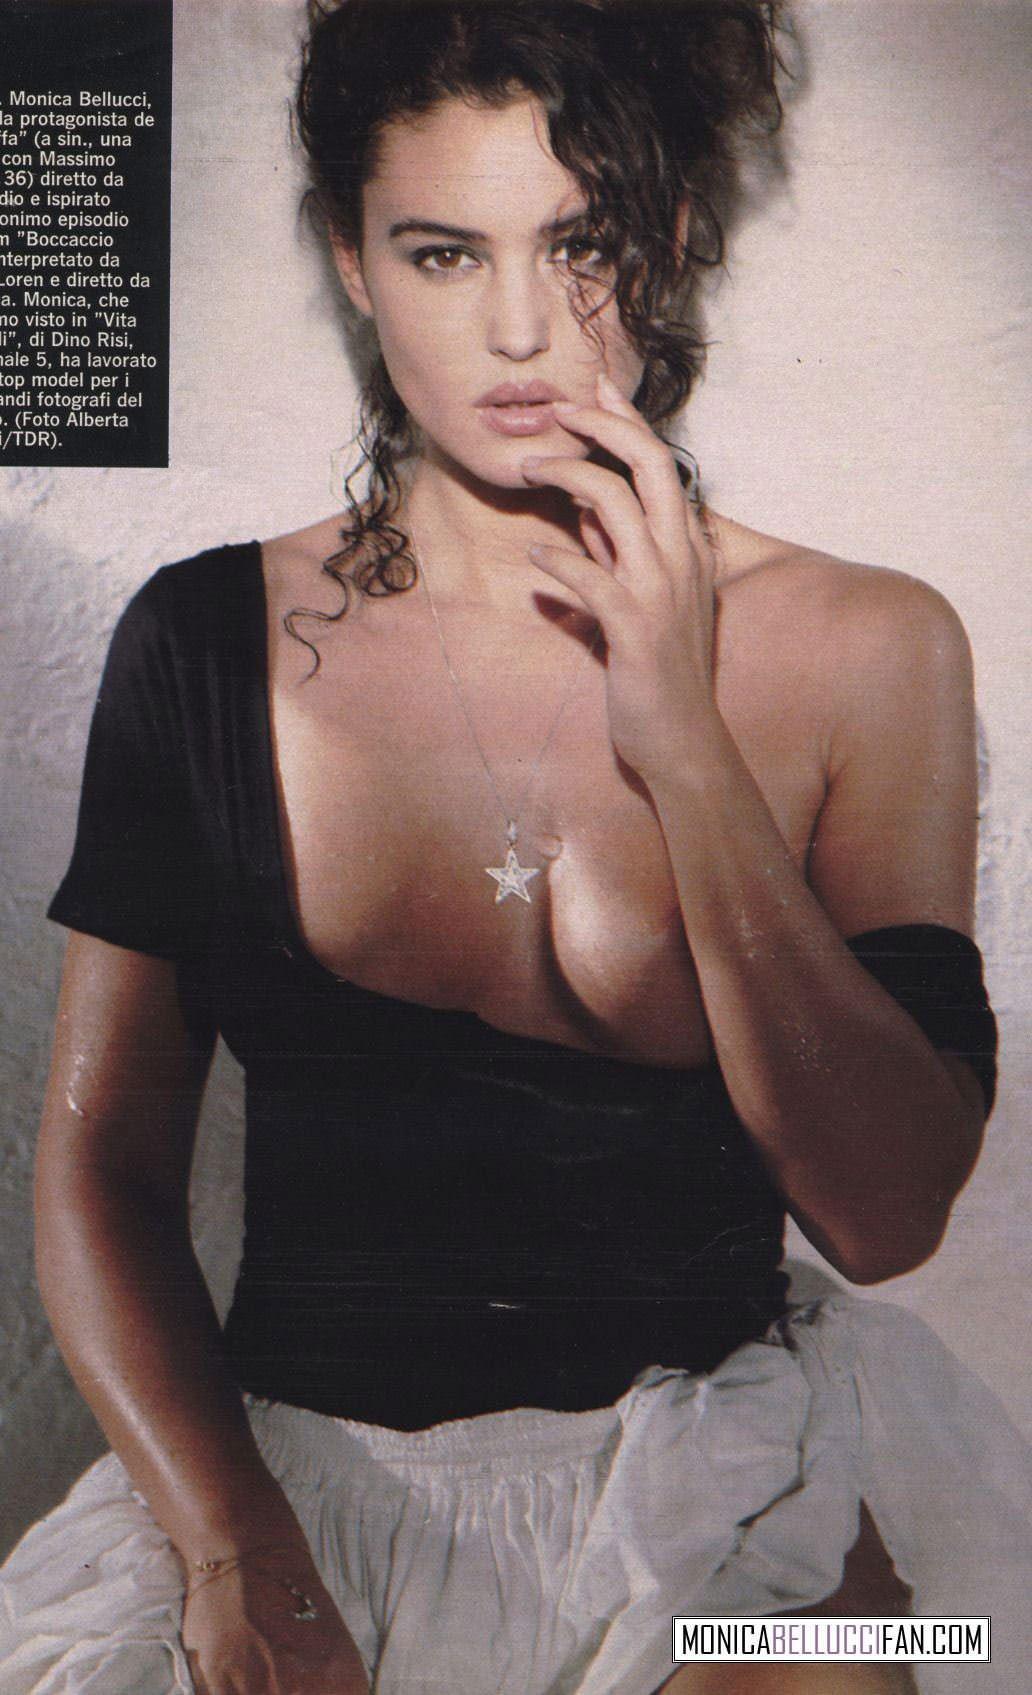 【外人】イタリア人女優モニカ・ベルッチ(Monica Bellucci)の大胆おっぱい露出ポルノ画像 4102